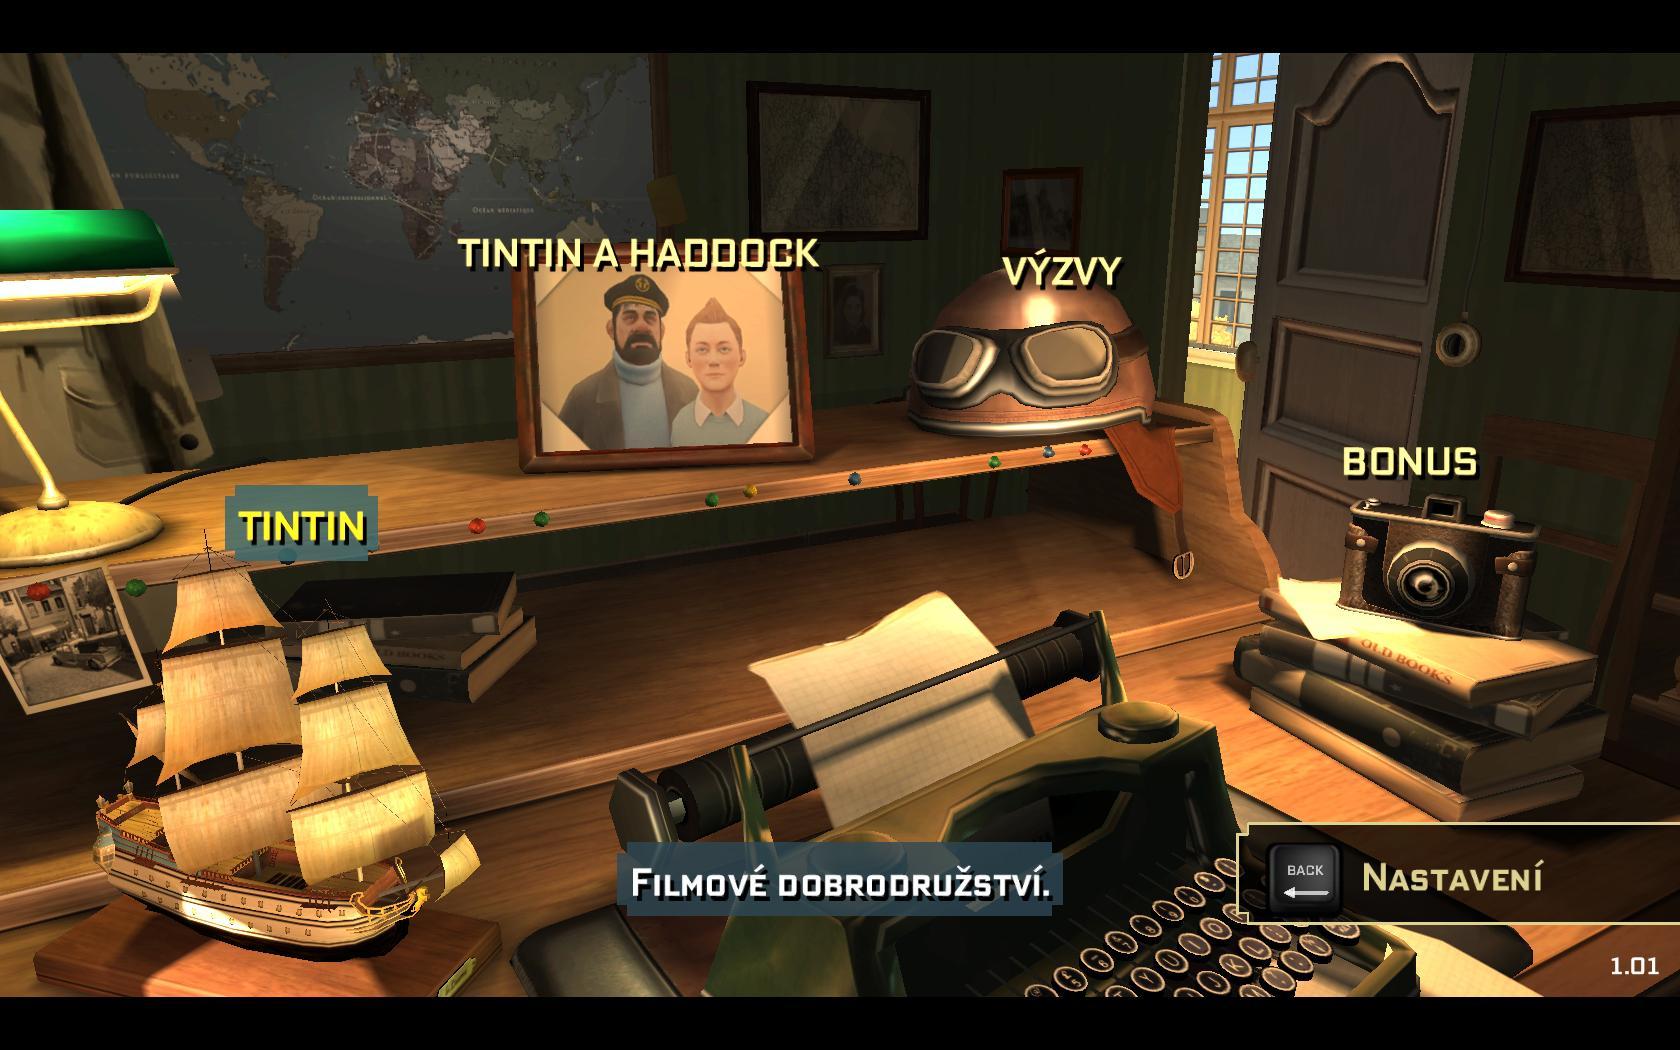 Tintinova dobrodružství - Návrat do dětských let 54691